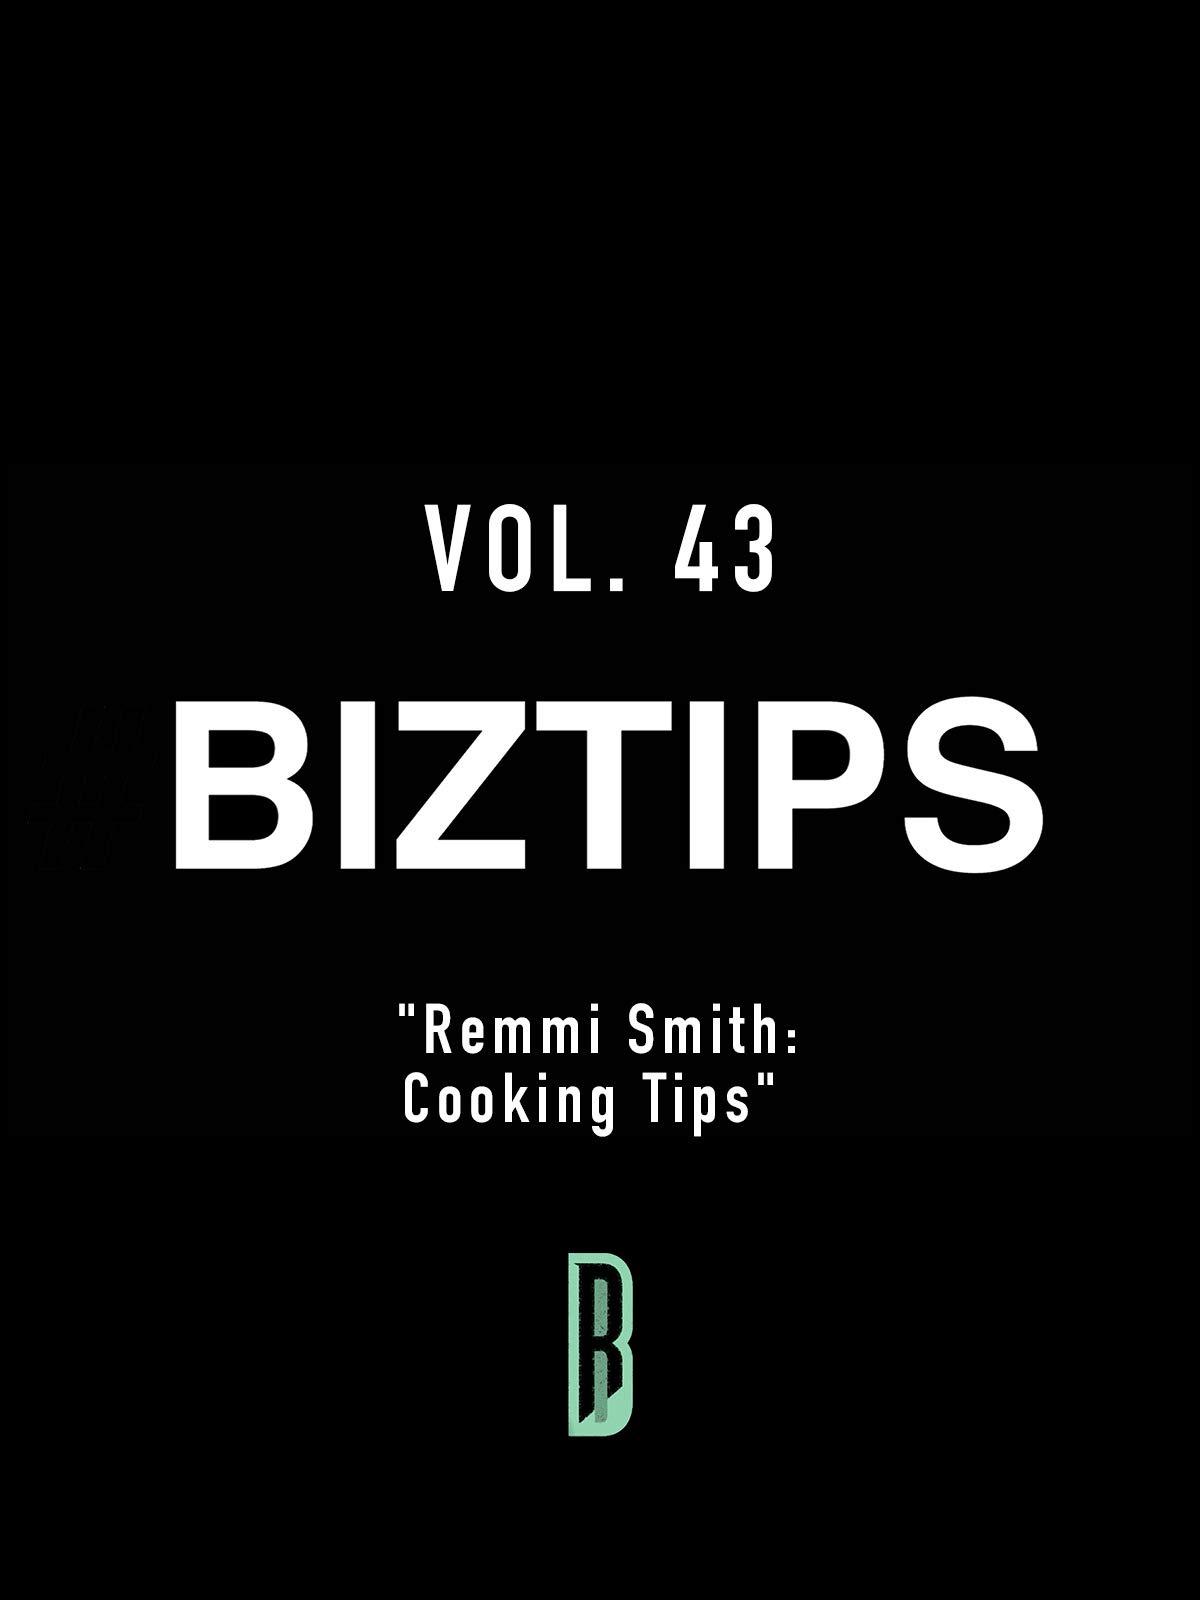 BizTips Vol. 43